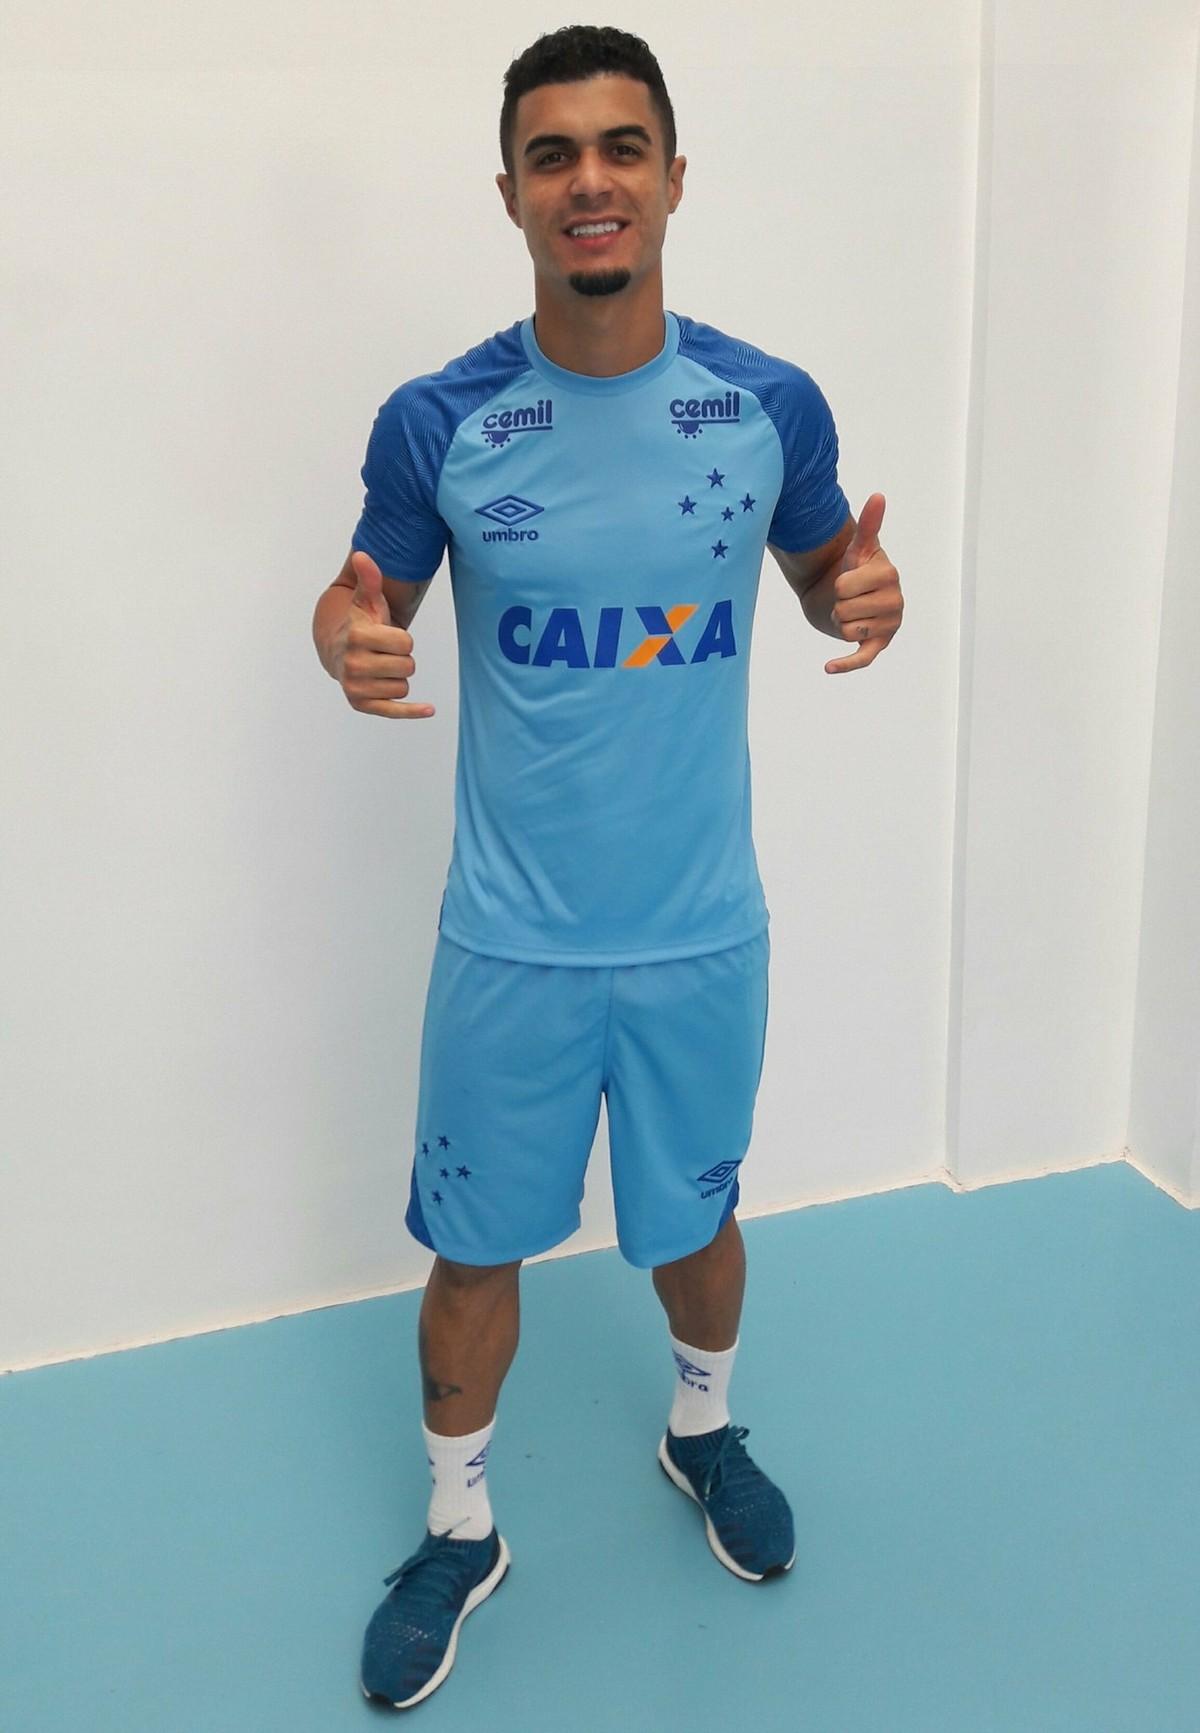 Novo uniforme do Cruzeiro já está na linha de produção  lançamento será em  março  cf86691863bf3